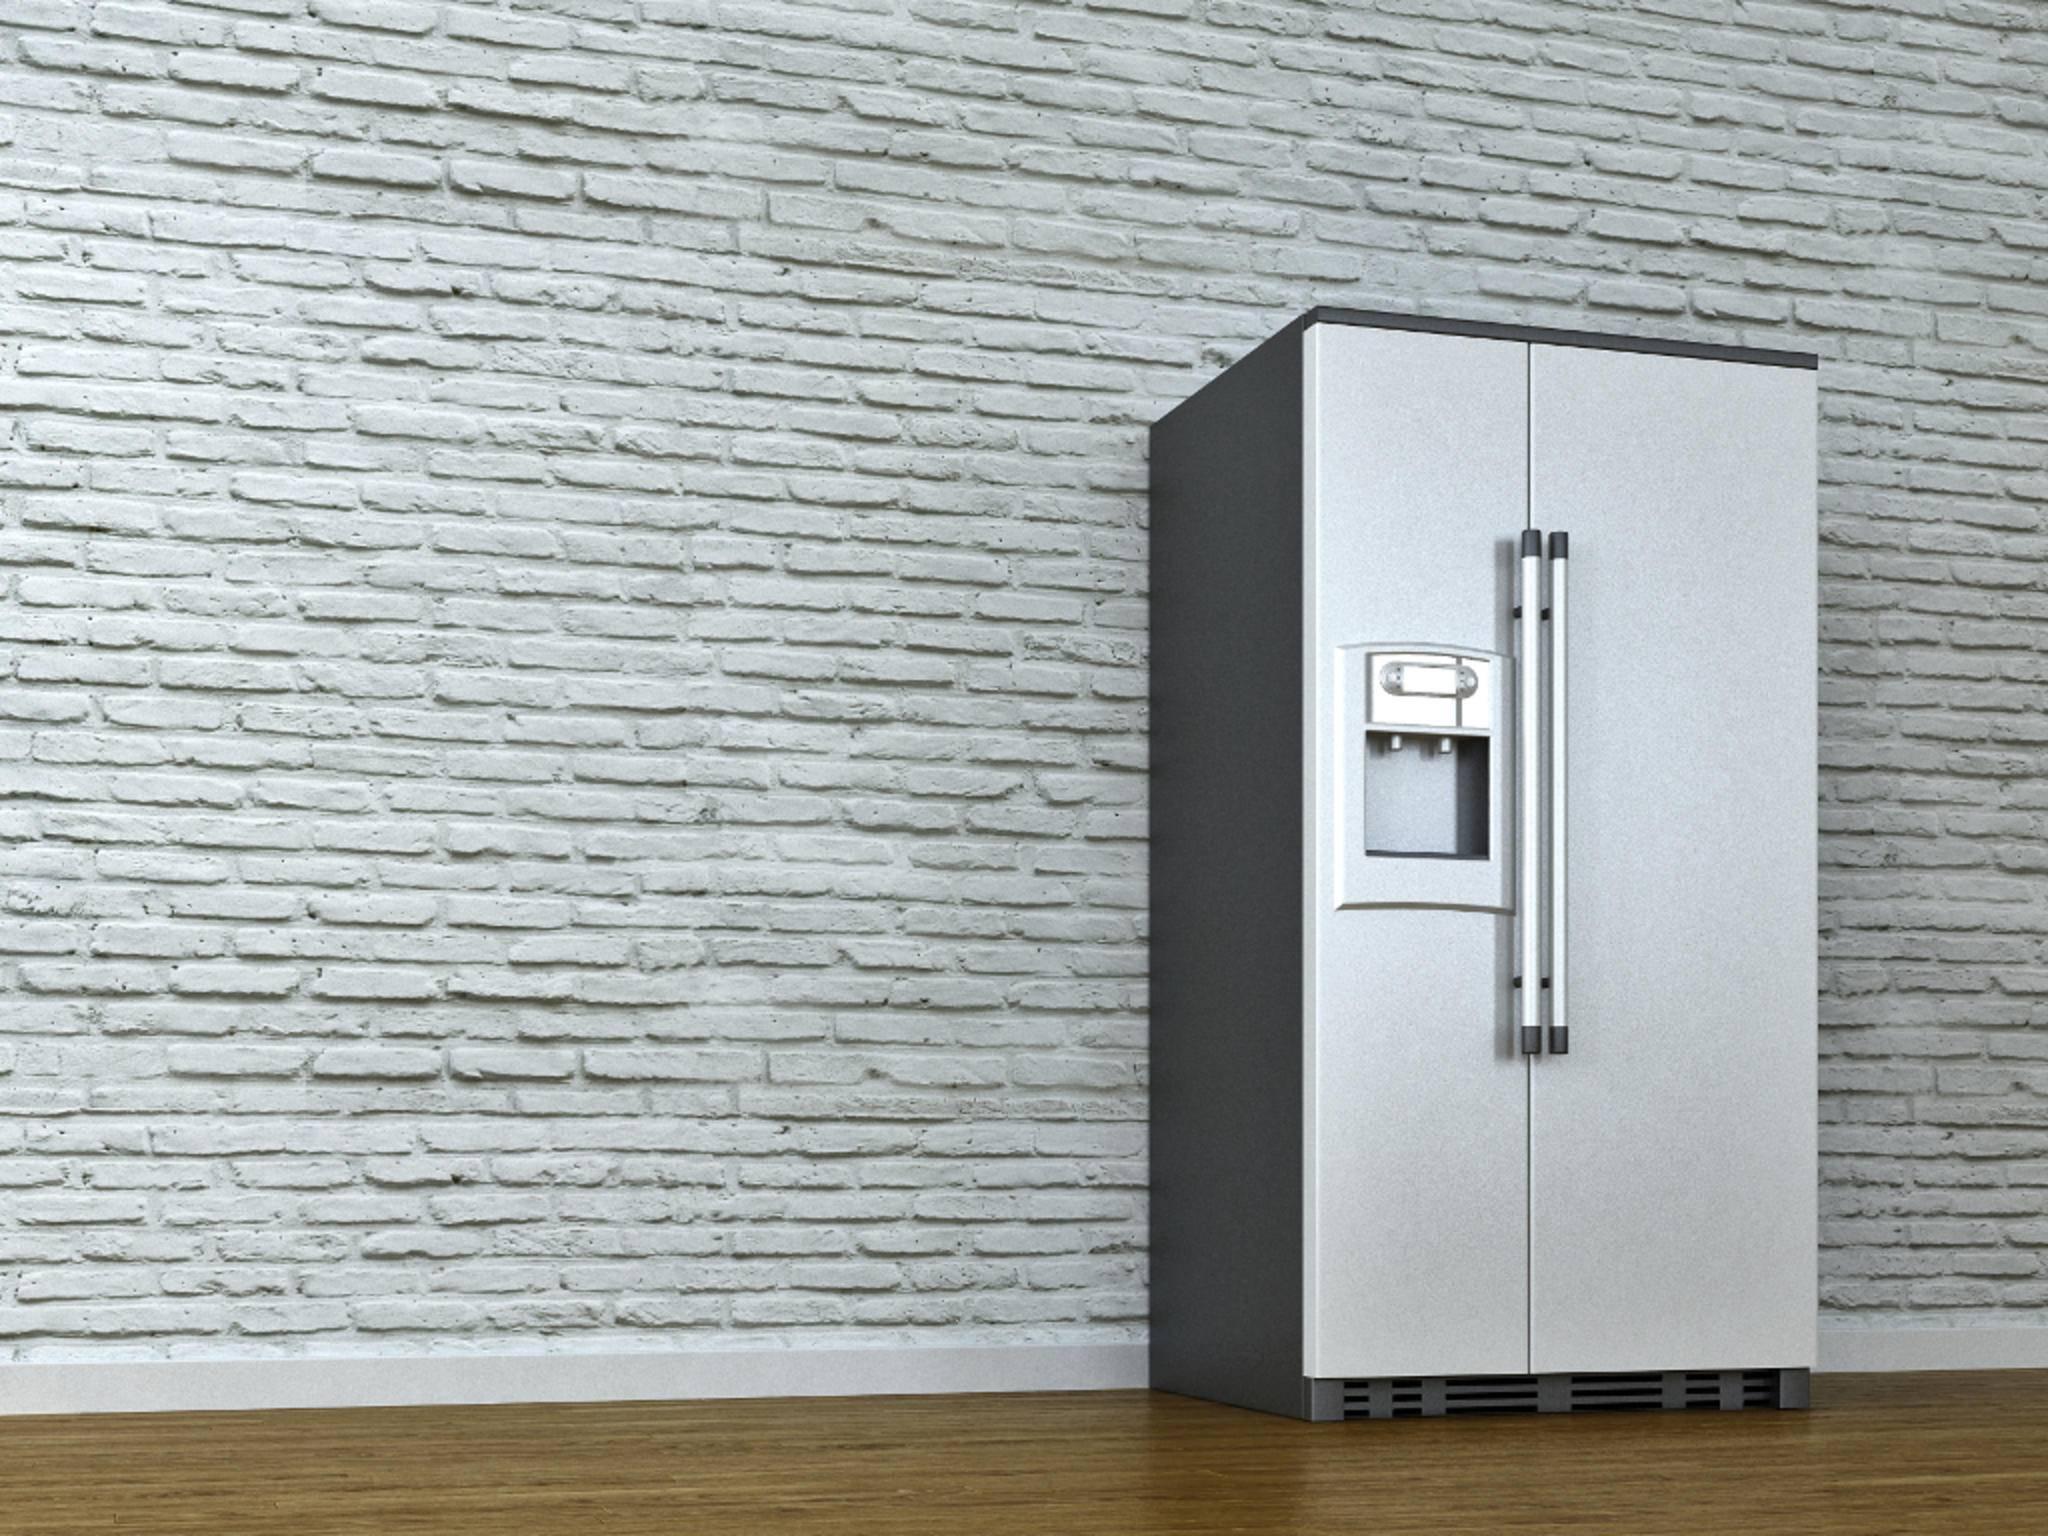 Kühlschrank brummt: Mögliche Ursachen – und was Du tun kannst